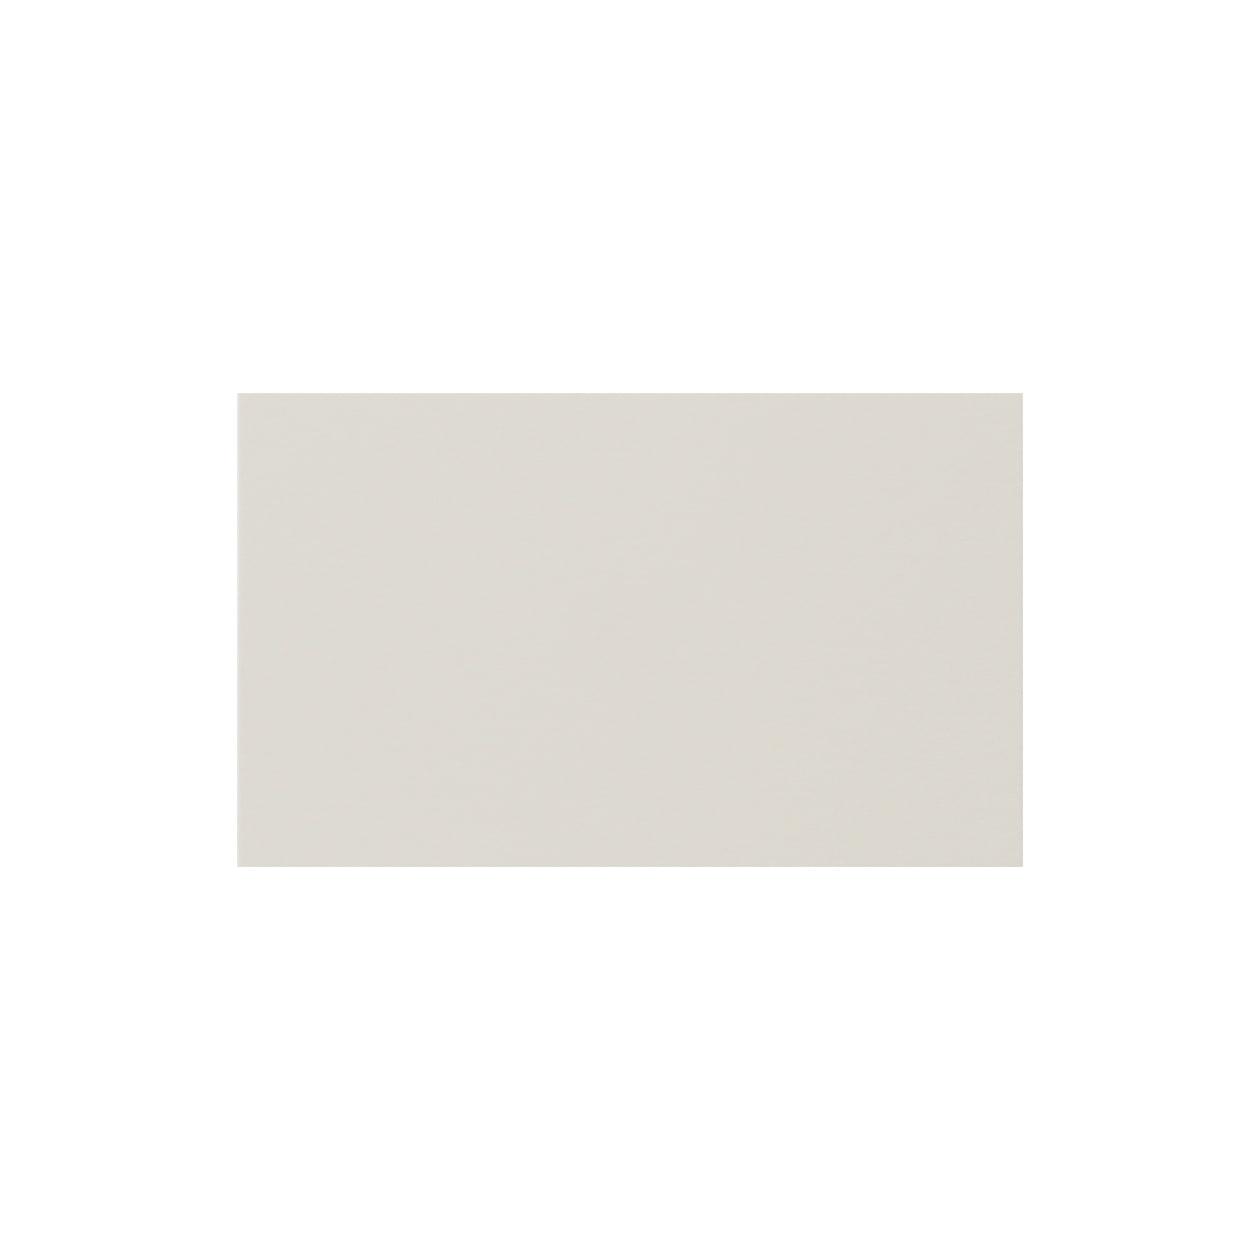 ネームカード キュリアススキン グレー 270g